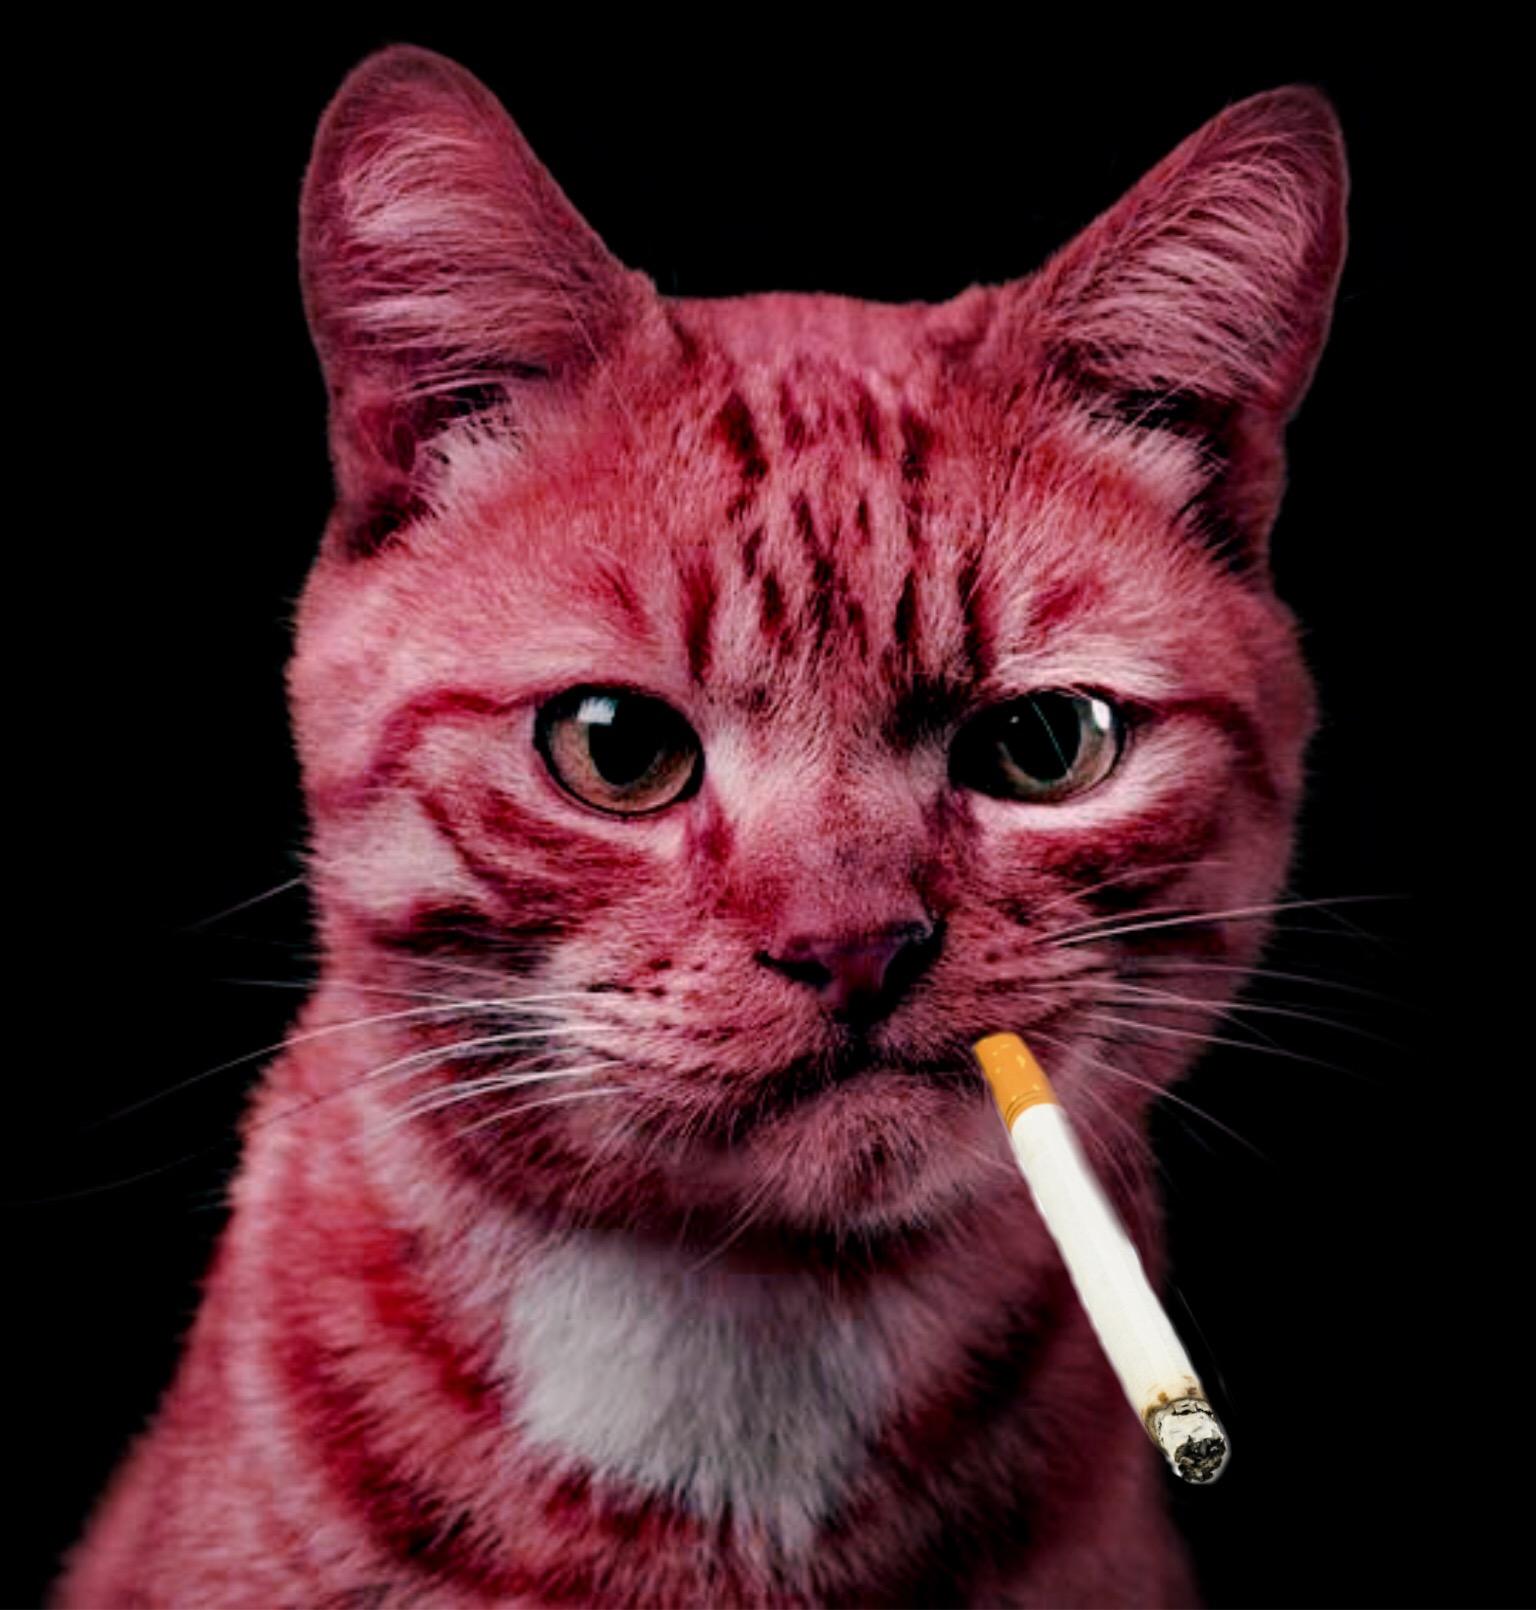 фото кота с сигаретой в зубах мужского трёхглавого